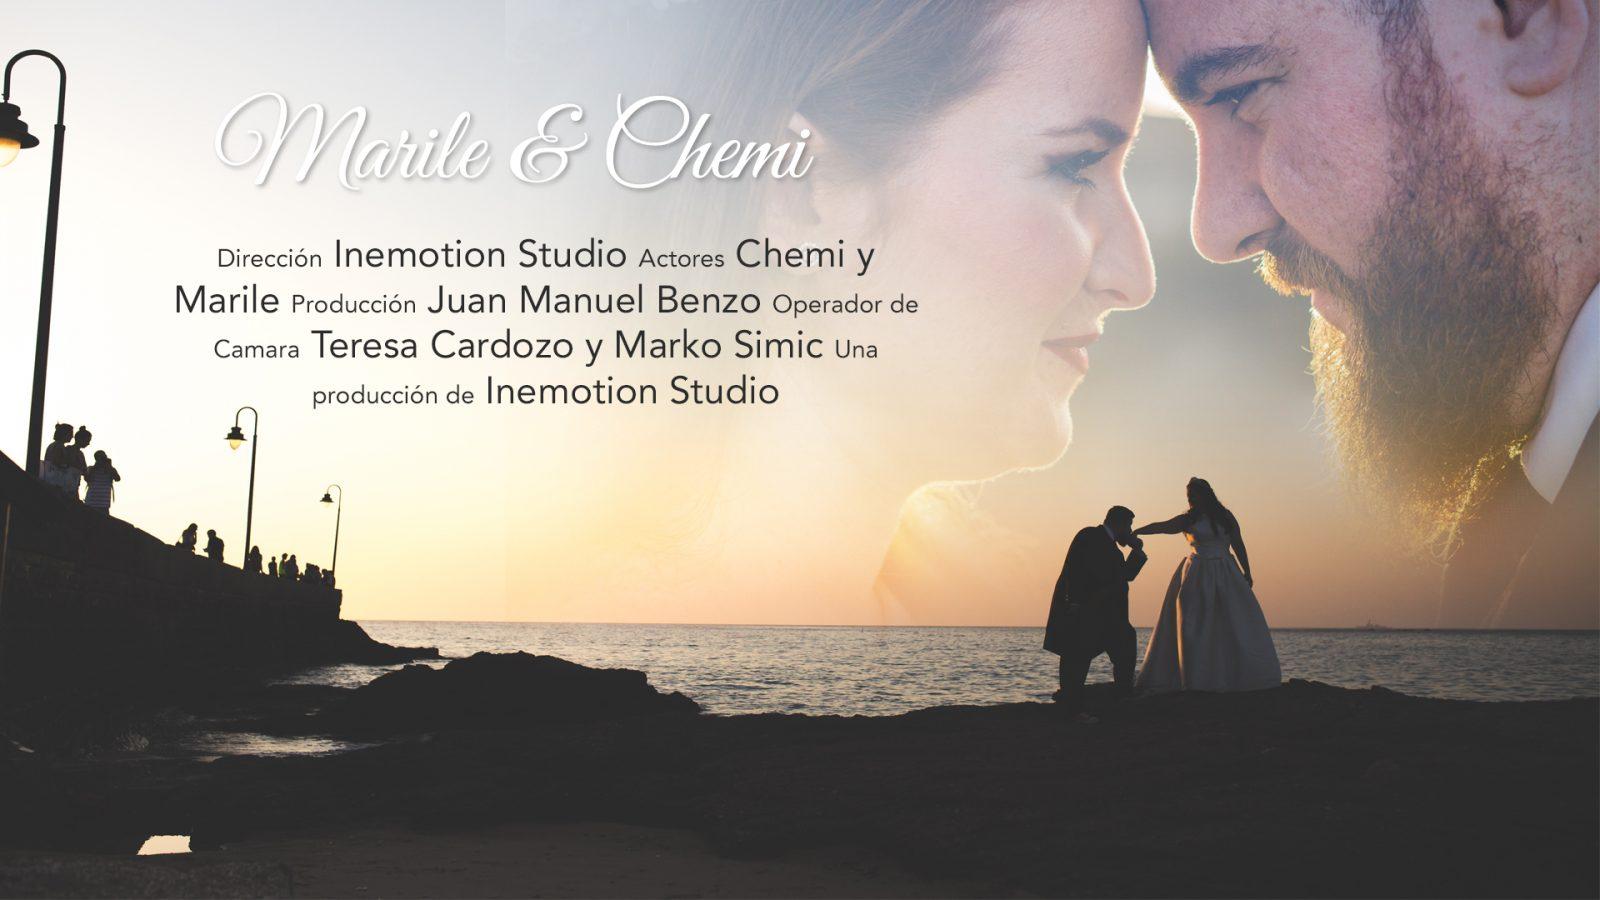 Trailer boda Marile y Chemi en Cádiz